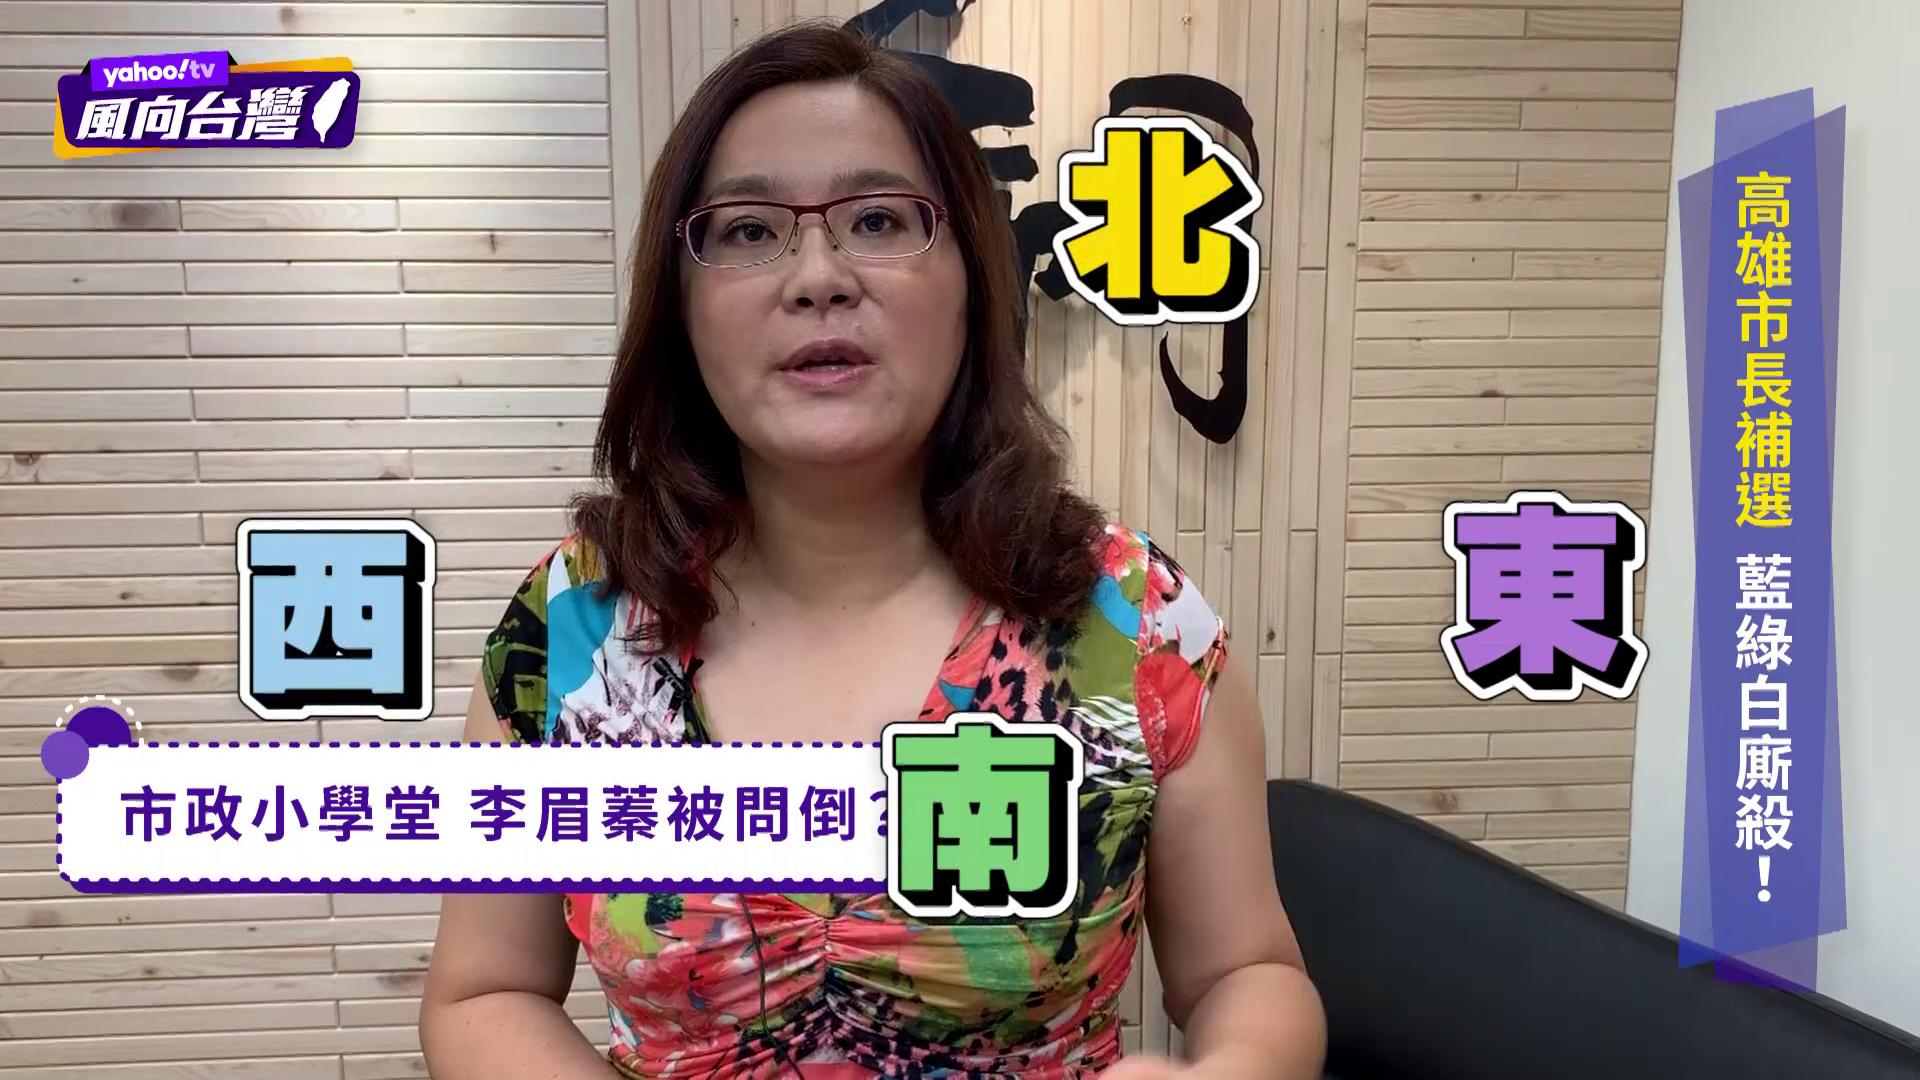 為李眉蓁緩頰 陳玉珍:選市長 不是地理老師